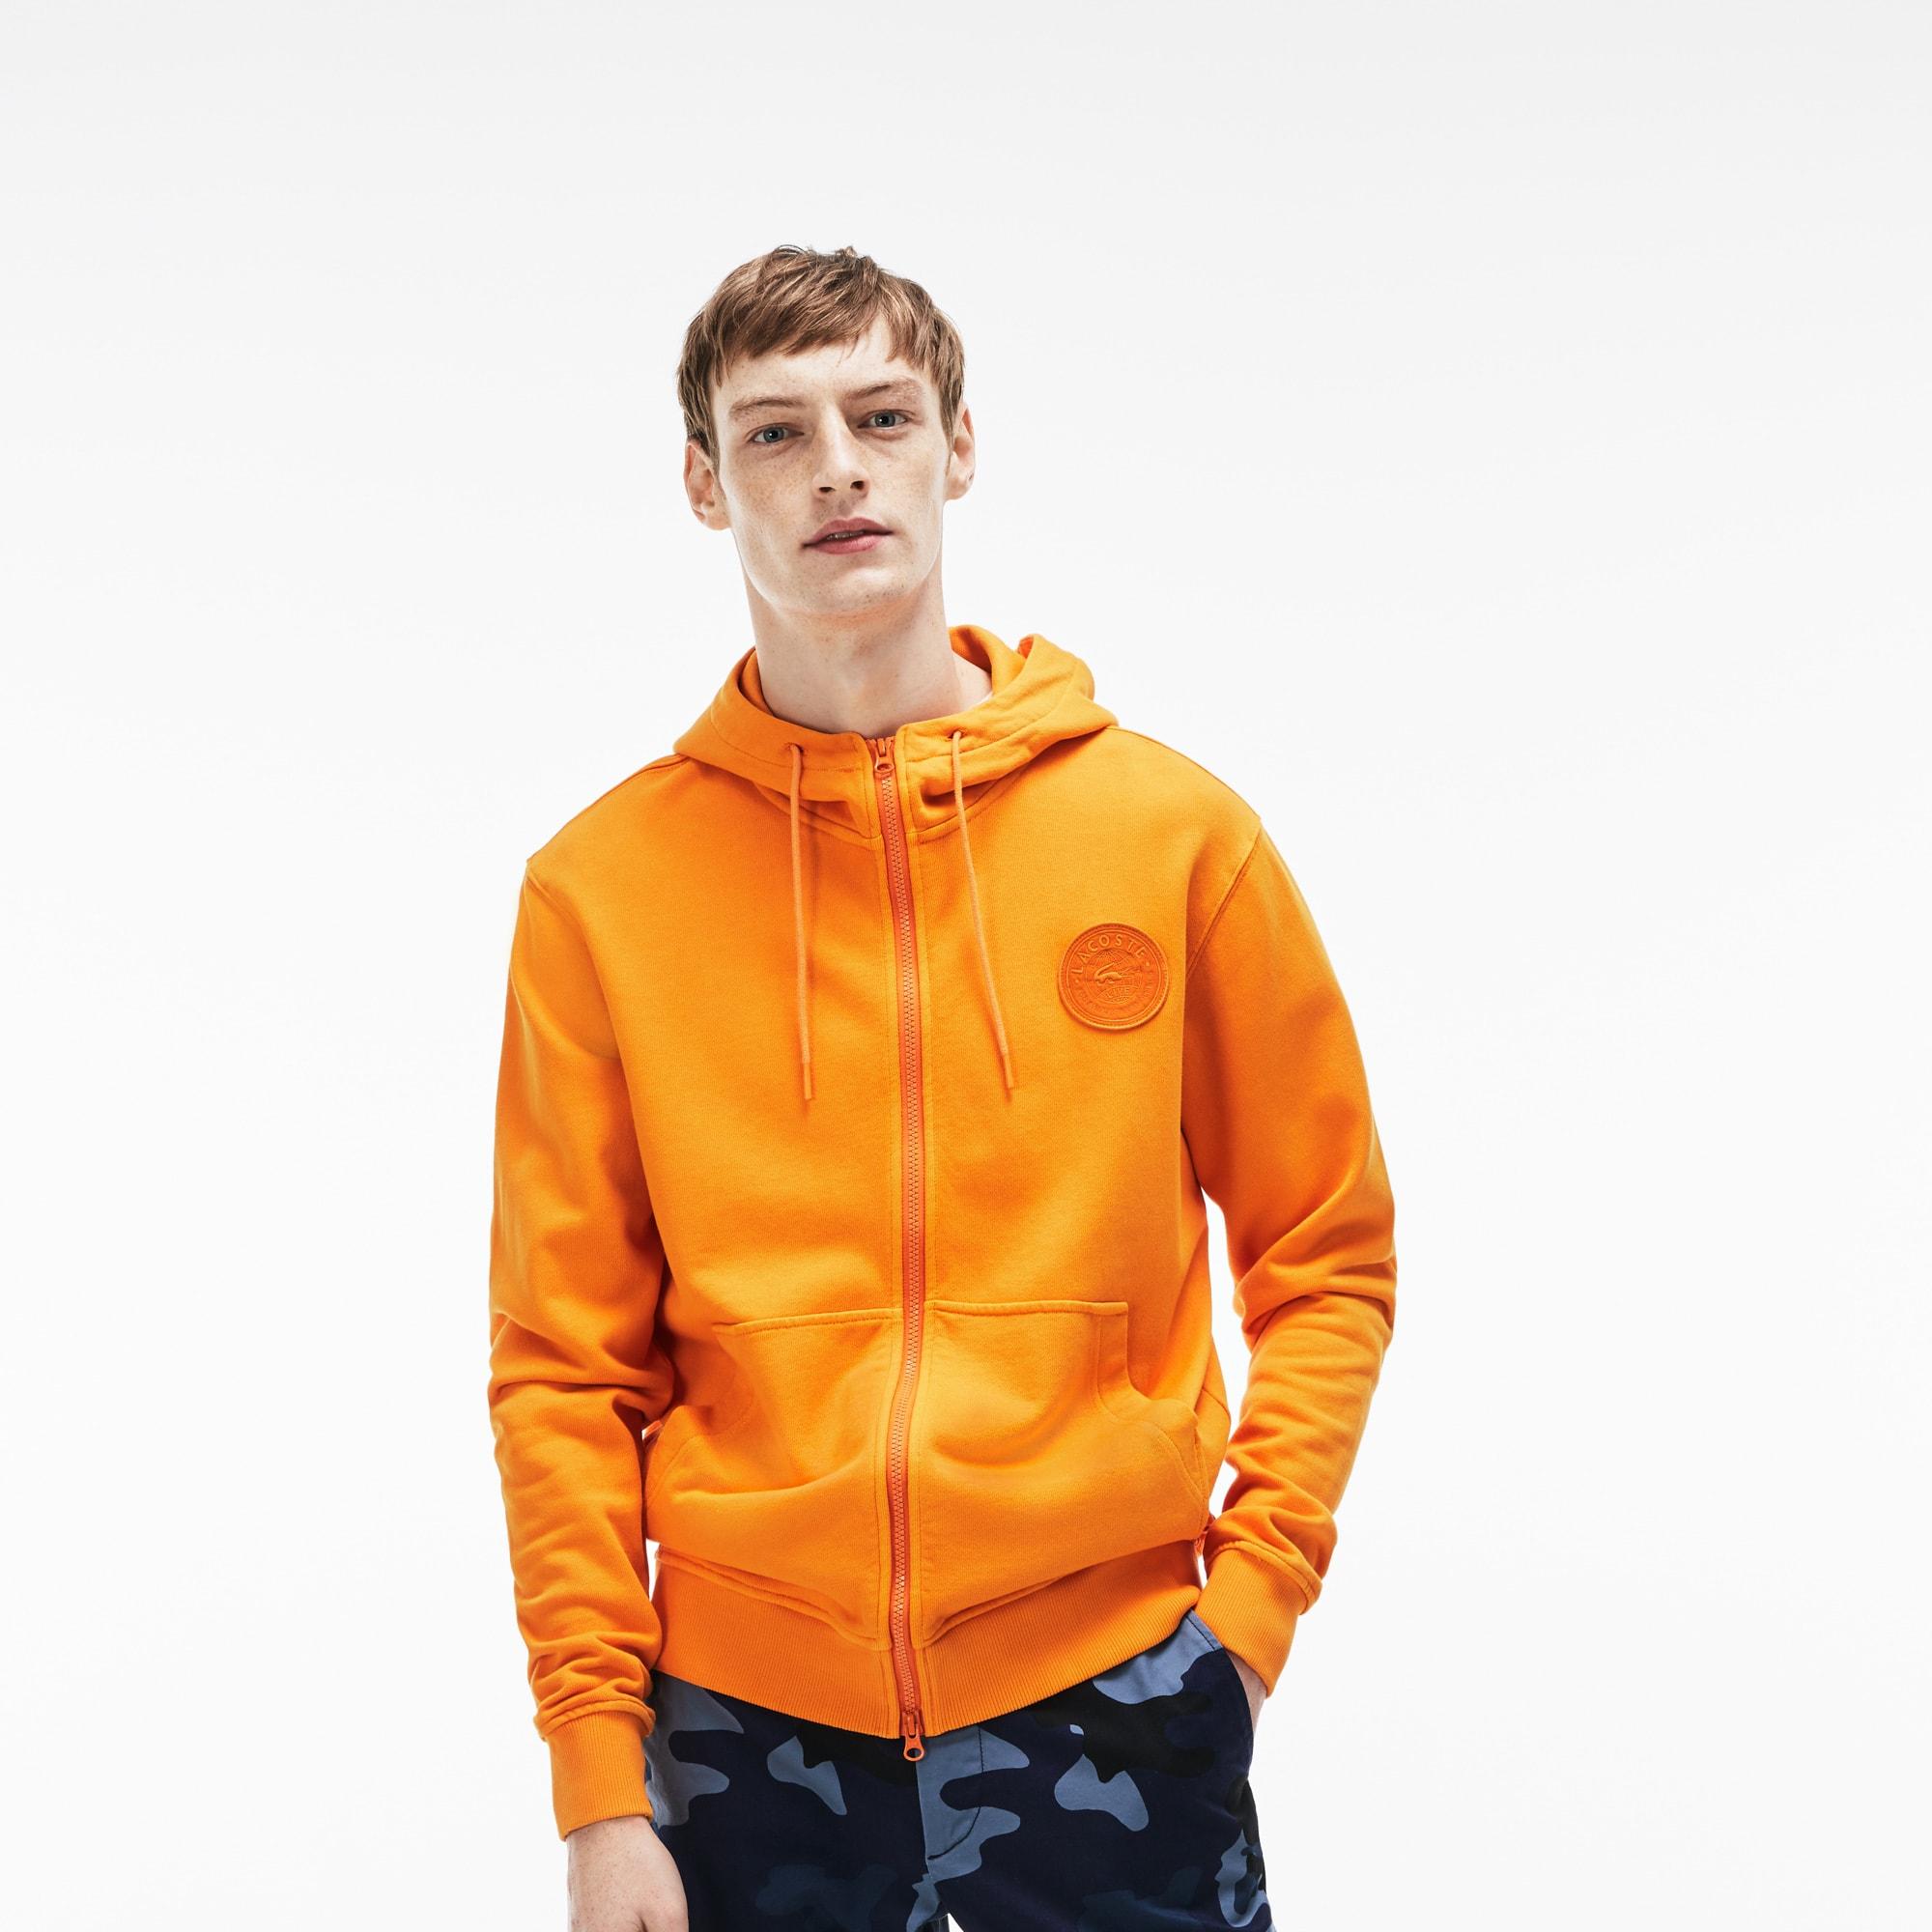 Herren-Sweatshirt aus Fleece mit Aufnäher und Kapuze LACOSTE L!VE